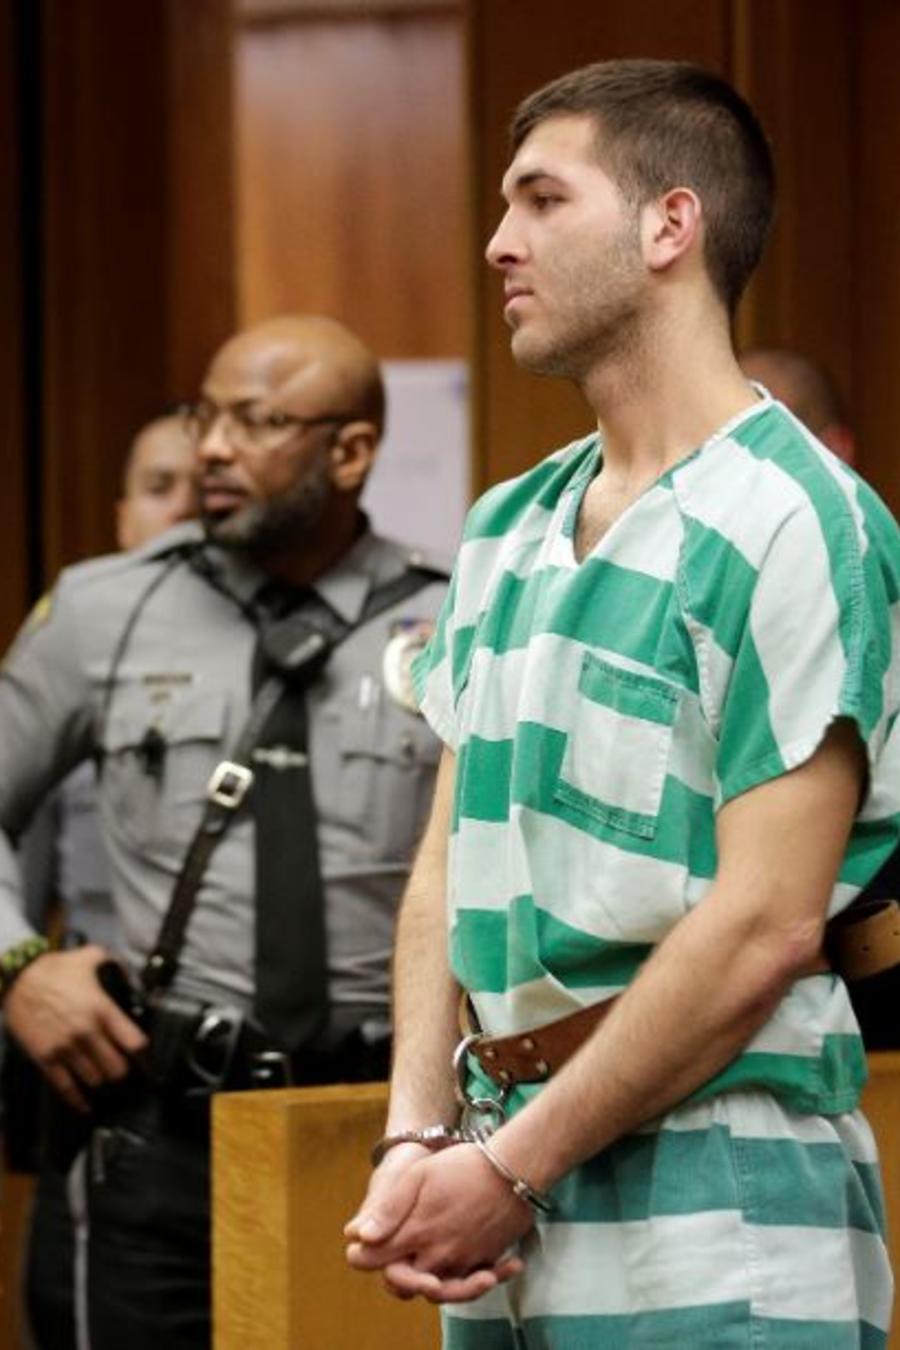 Anthony Comello este lunes en su audiencia de extradición en Toms River, N.J.